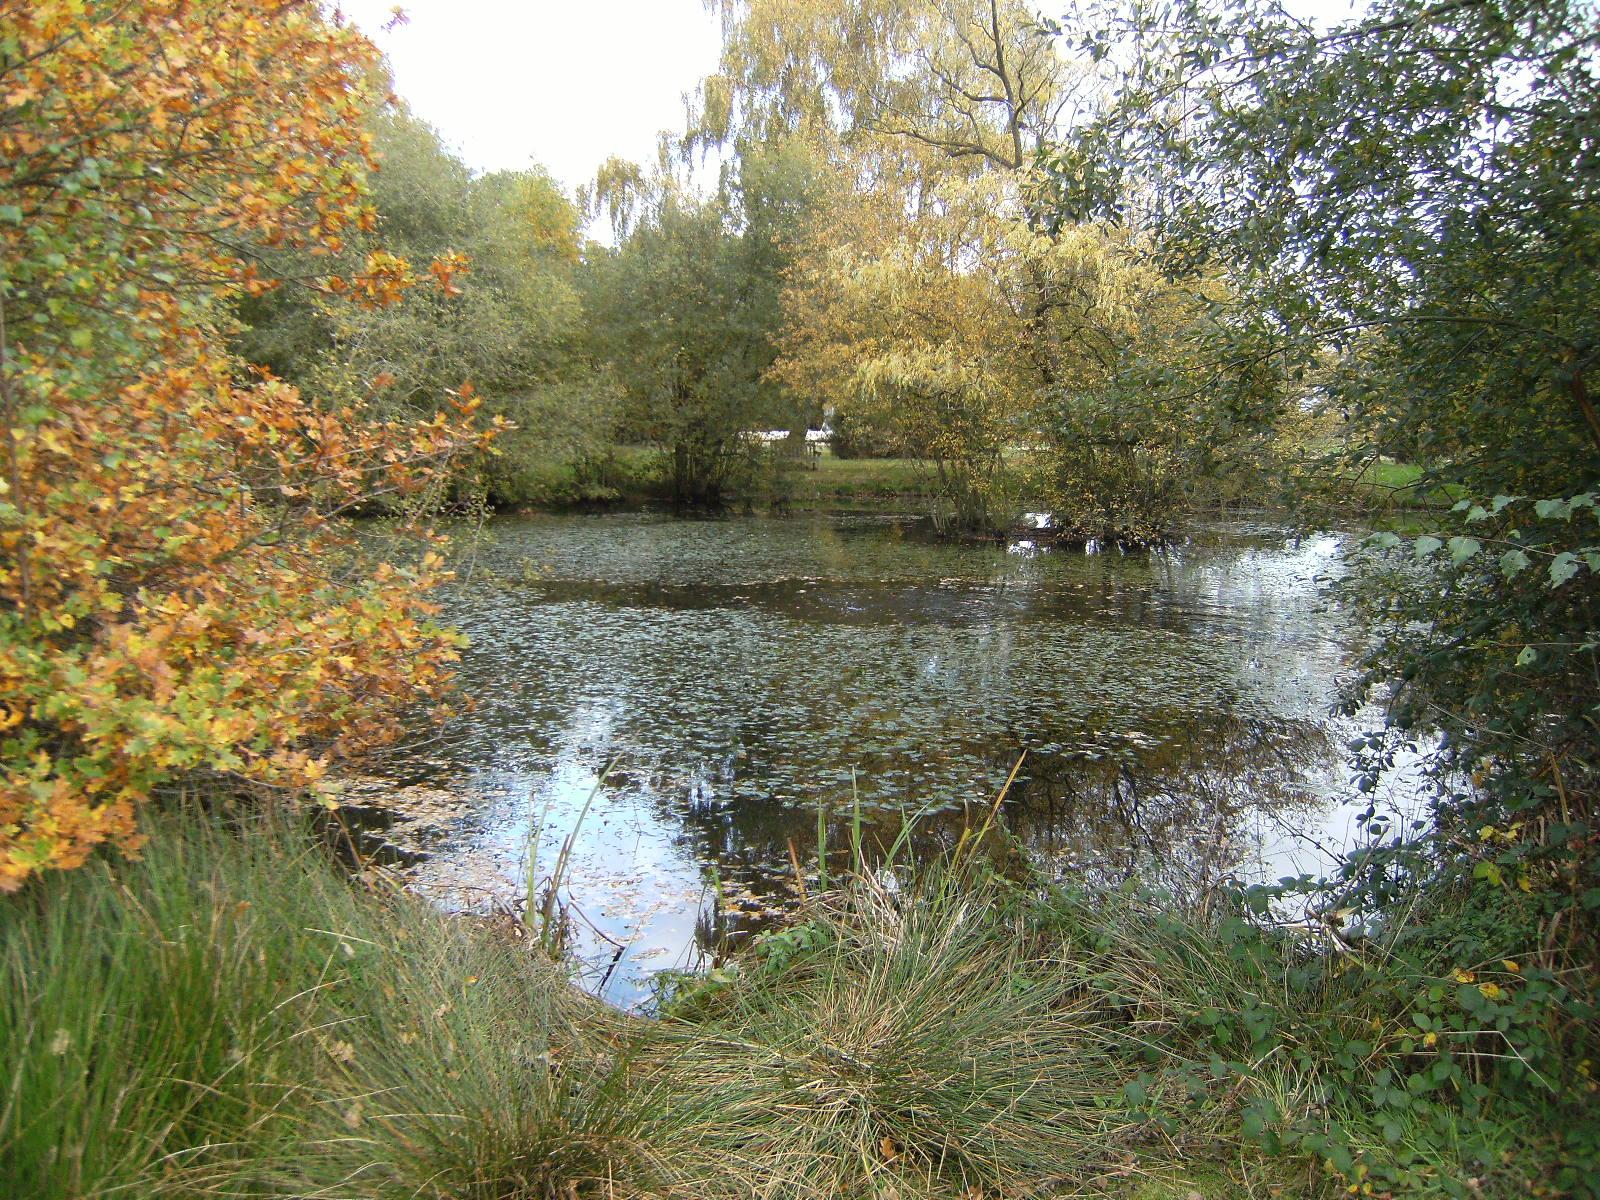 DSCF2264 Eversley Cross village pond